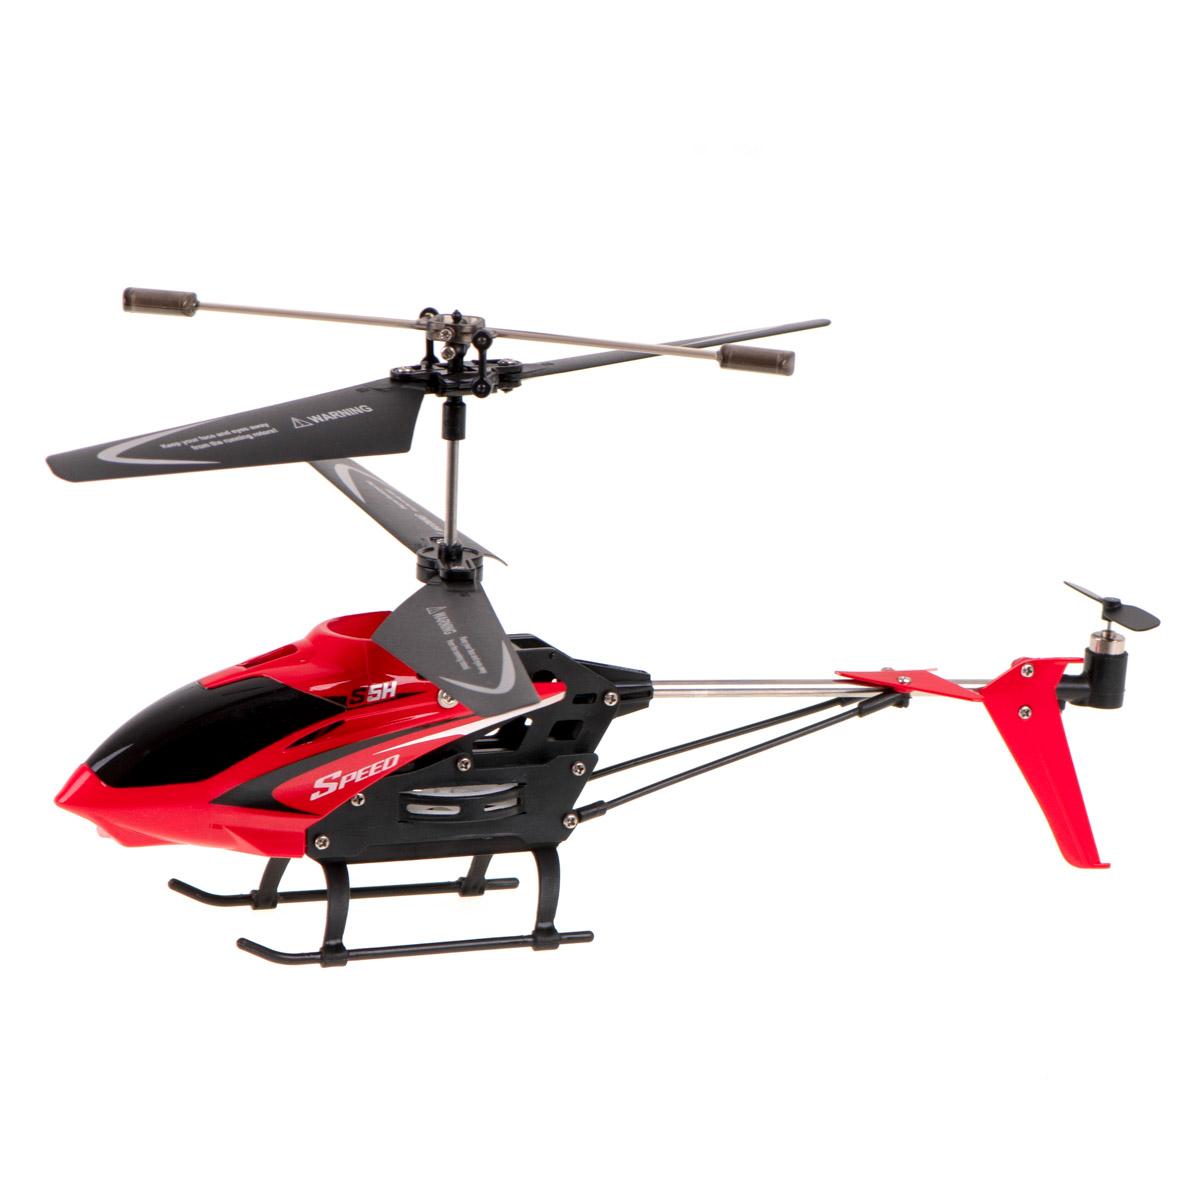 Niewielkich rozmiarów zdalnie sterowany helikopter w kolorze czerwonym